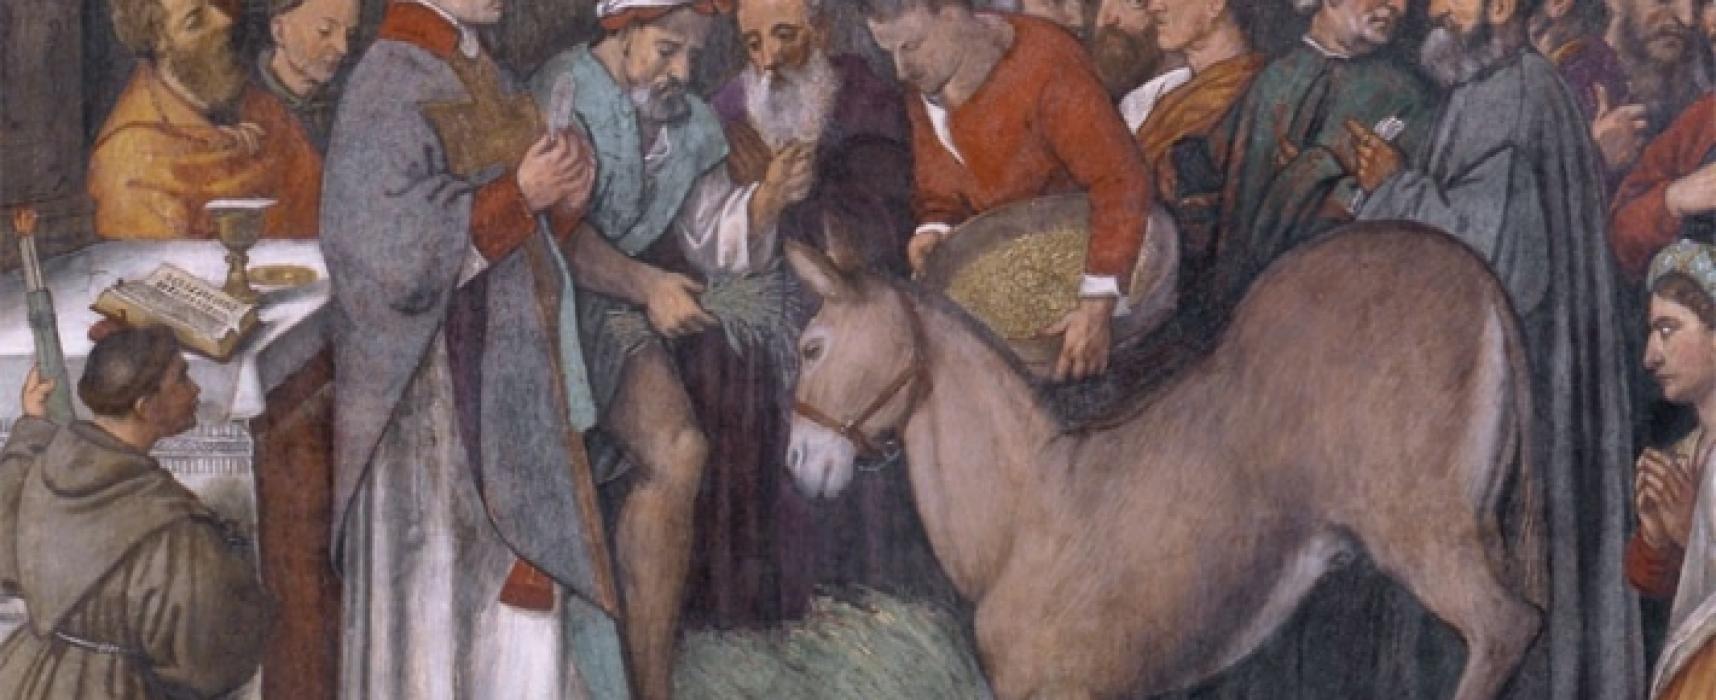 Il Santo del giorno, 13 giugno: Sant'Antonio da Padova, dottore della Chiesa, patrono di stati e di molti comuni. Ci aiuta a ritrovare le cose perdute!!